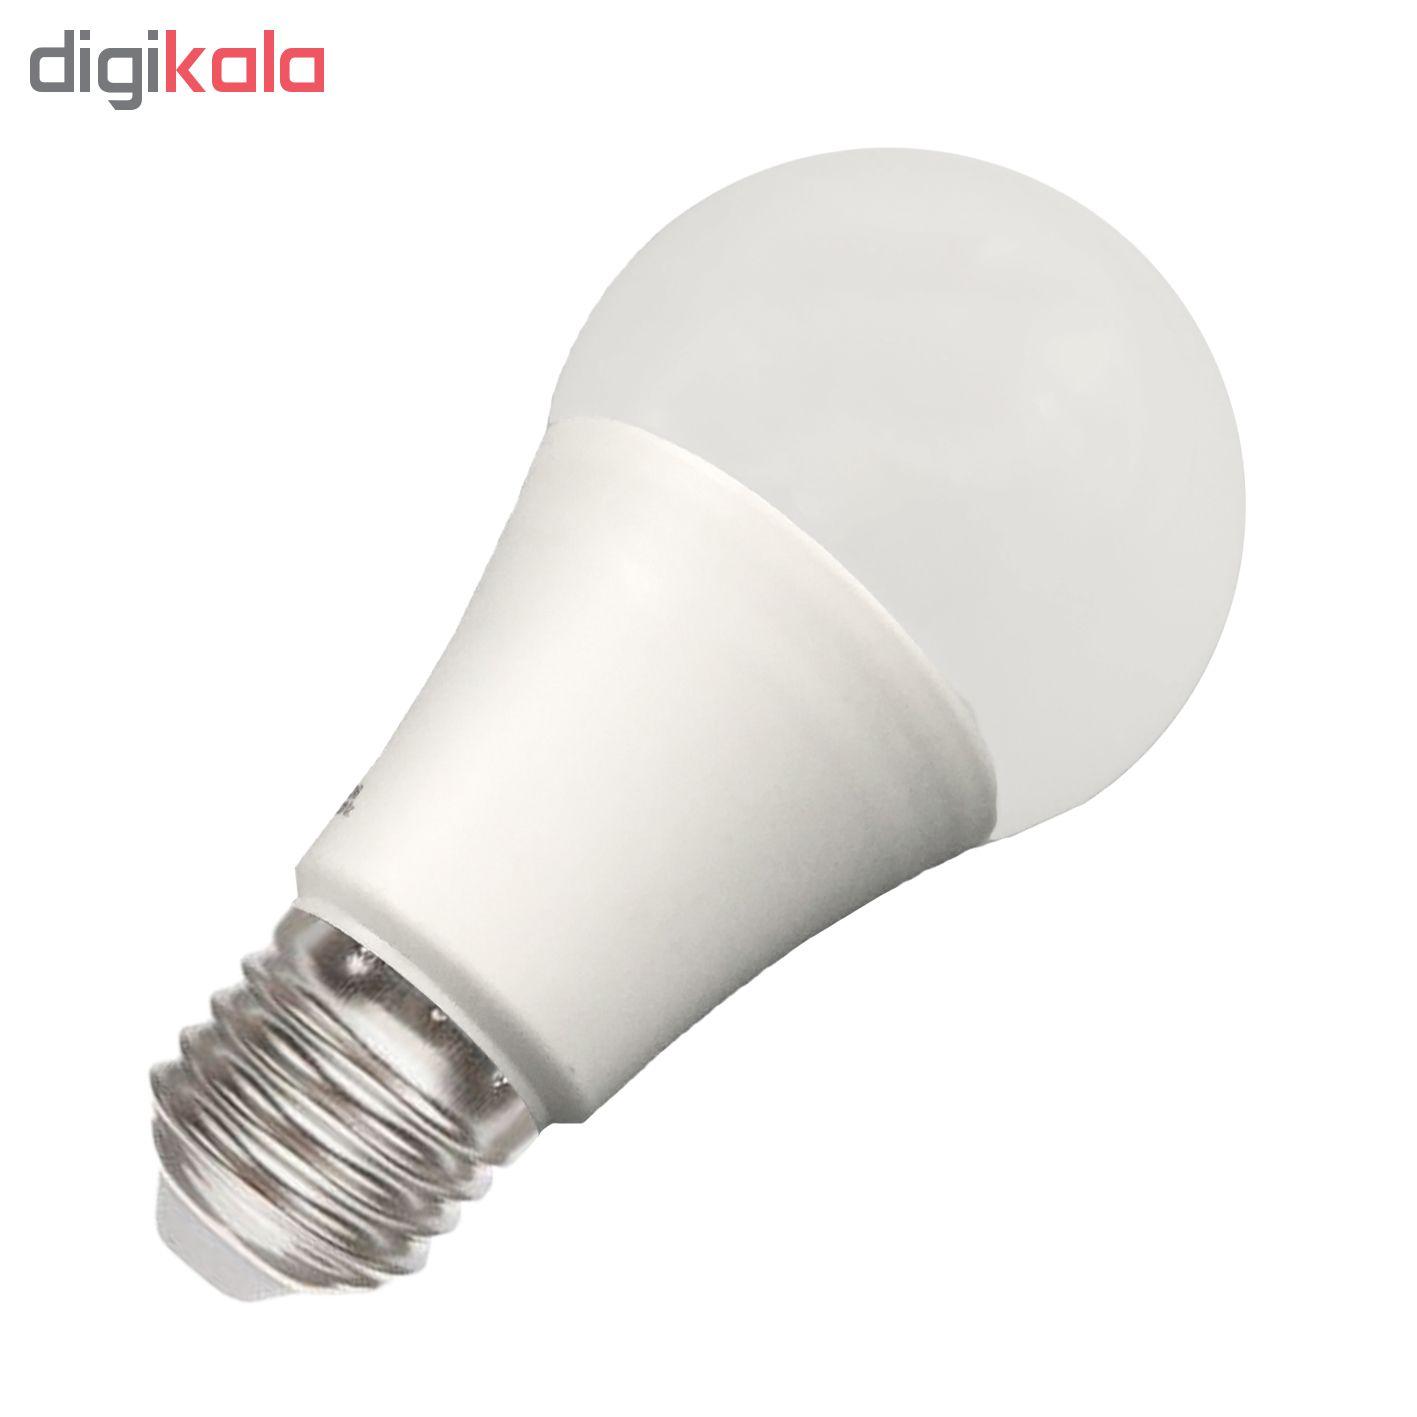 لامپ ال ای دی 12 وات اکو برایت مدل 90LM پایه E27 thumb 2 2